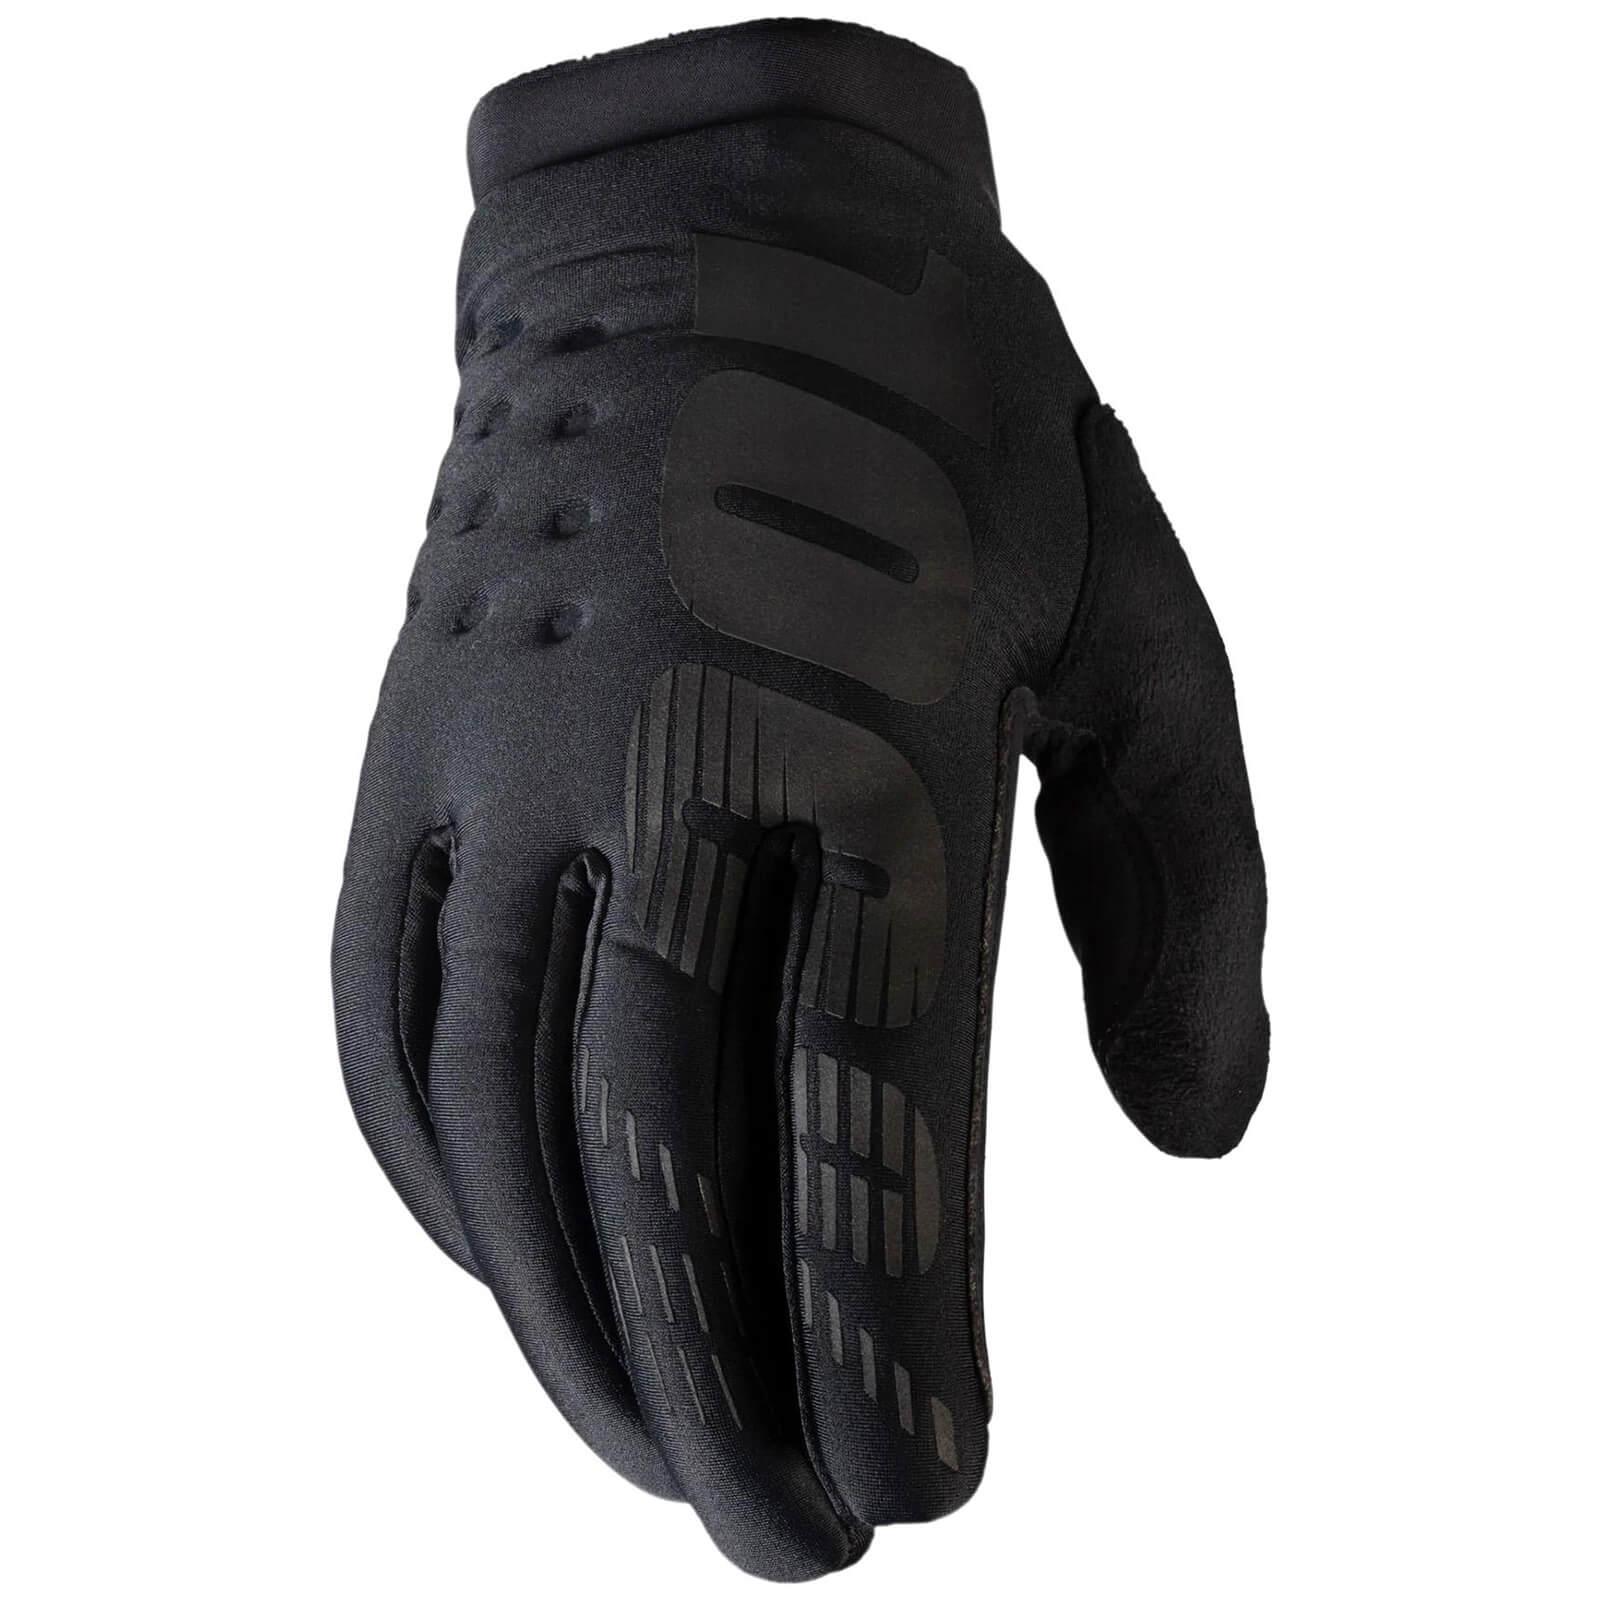 Image of 100% Brisker MTB Gloves - L - Black/Grey